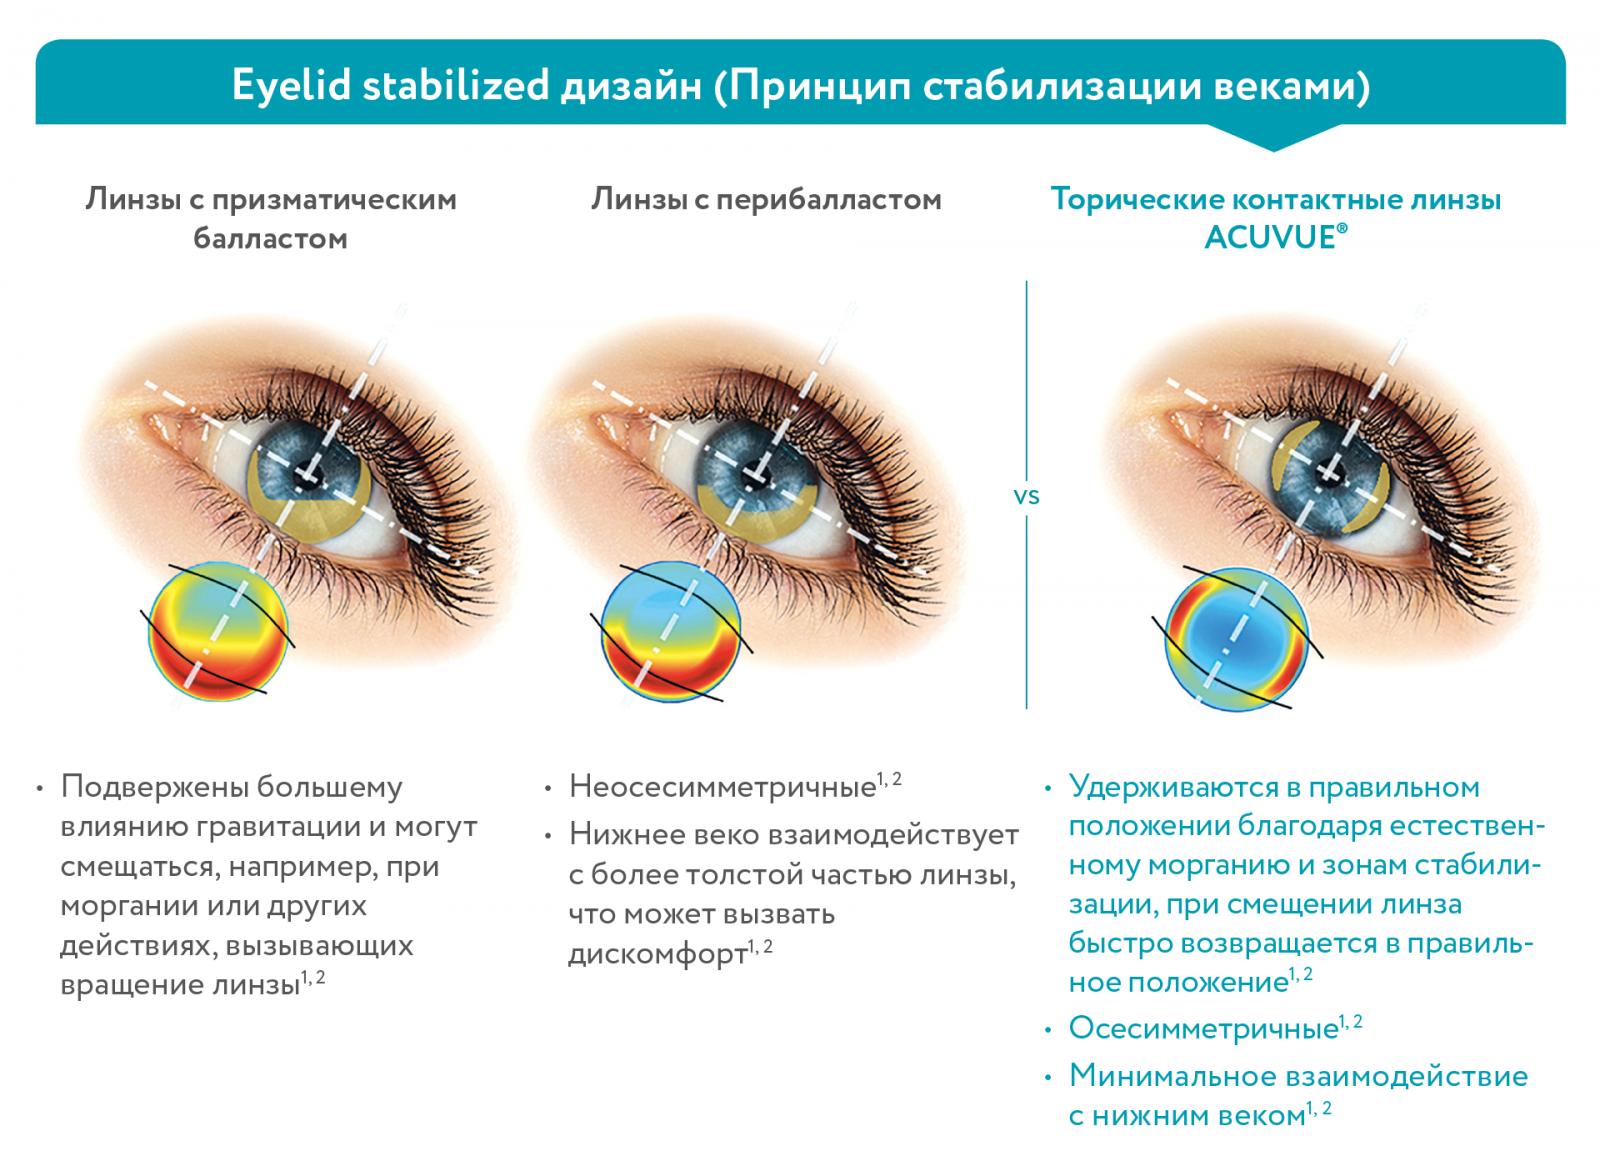 Благодаря Дизайну Ускоренной Стабилизации (ASD) контактные линзы 1-DAY ACUVUE® MOIST for ASTIGMATISM удерживаются на глазах вне зависимости от движений глаз и головы